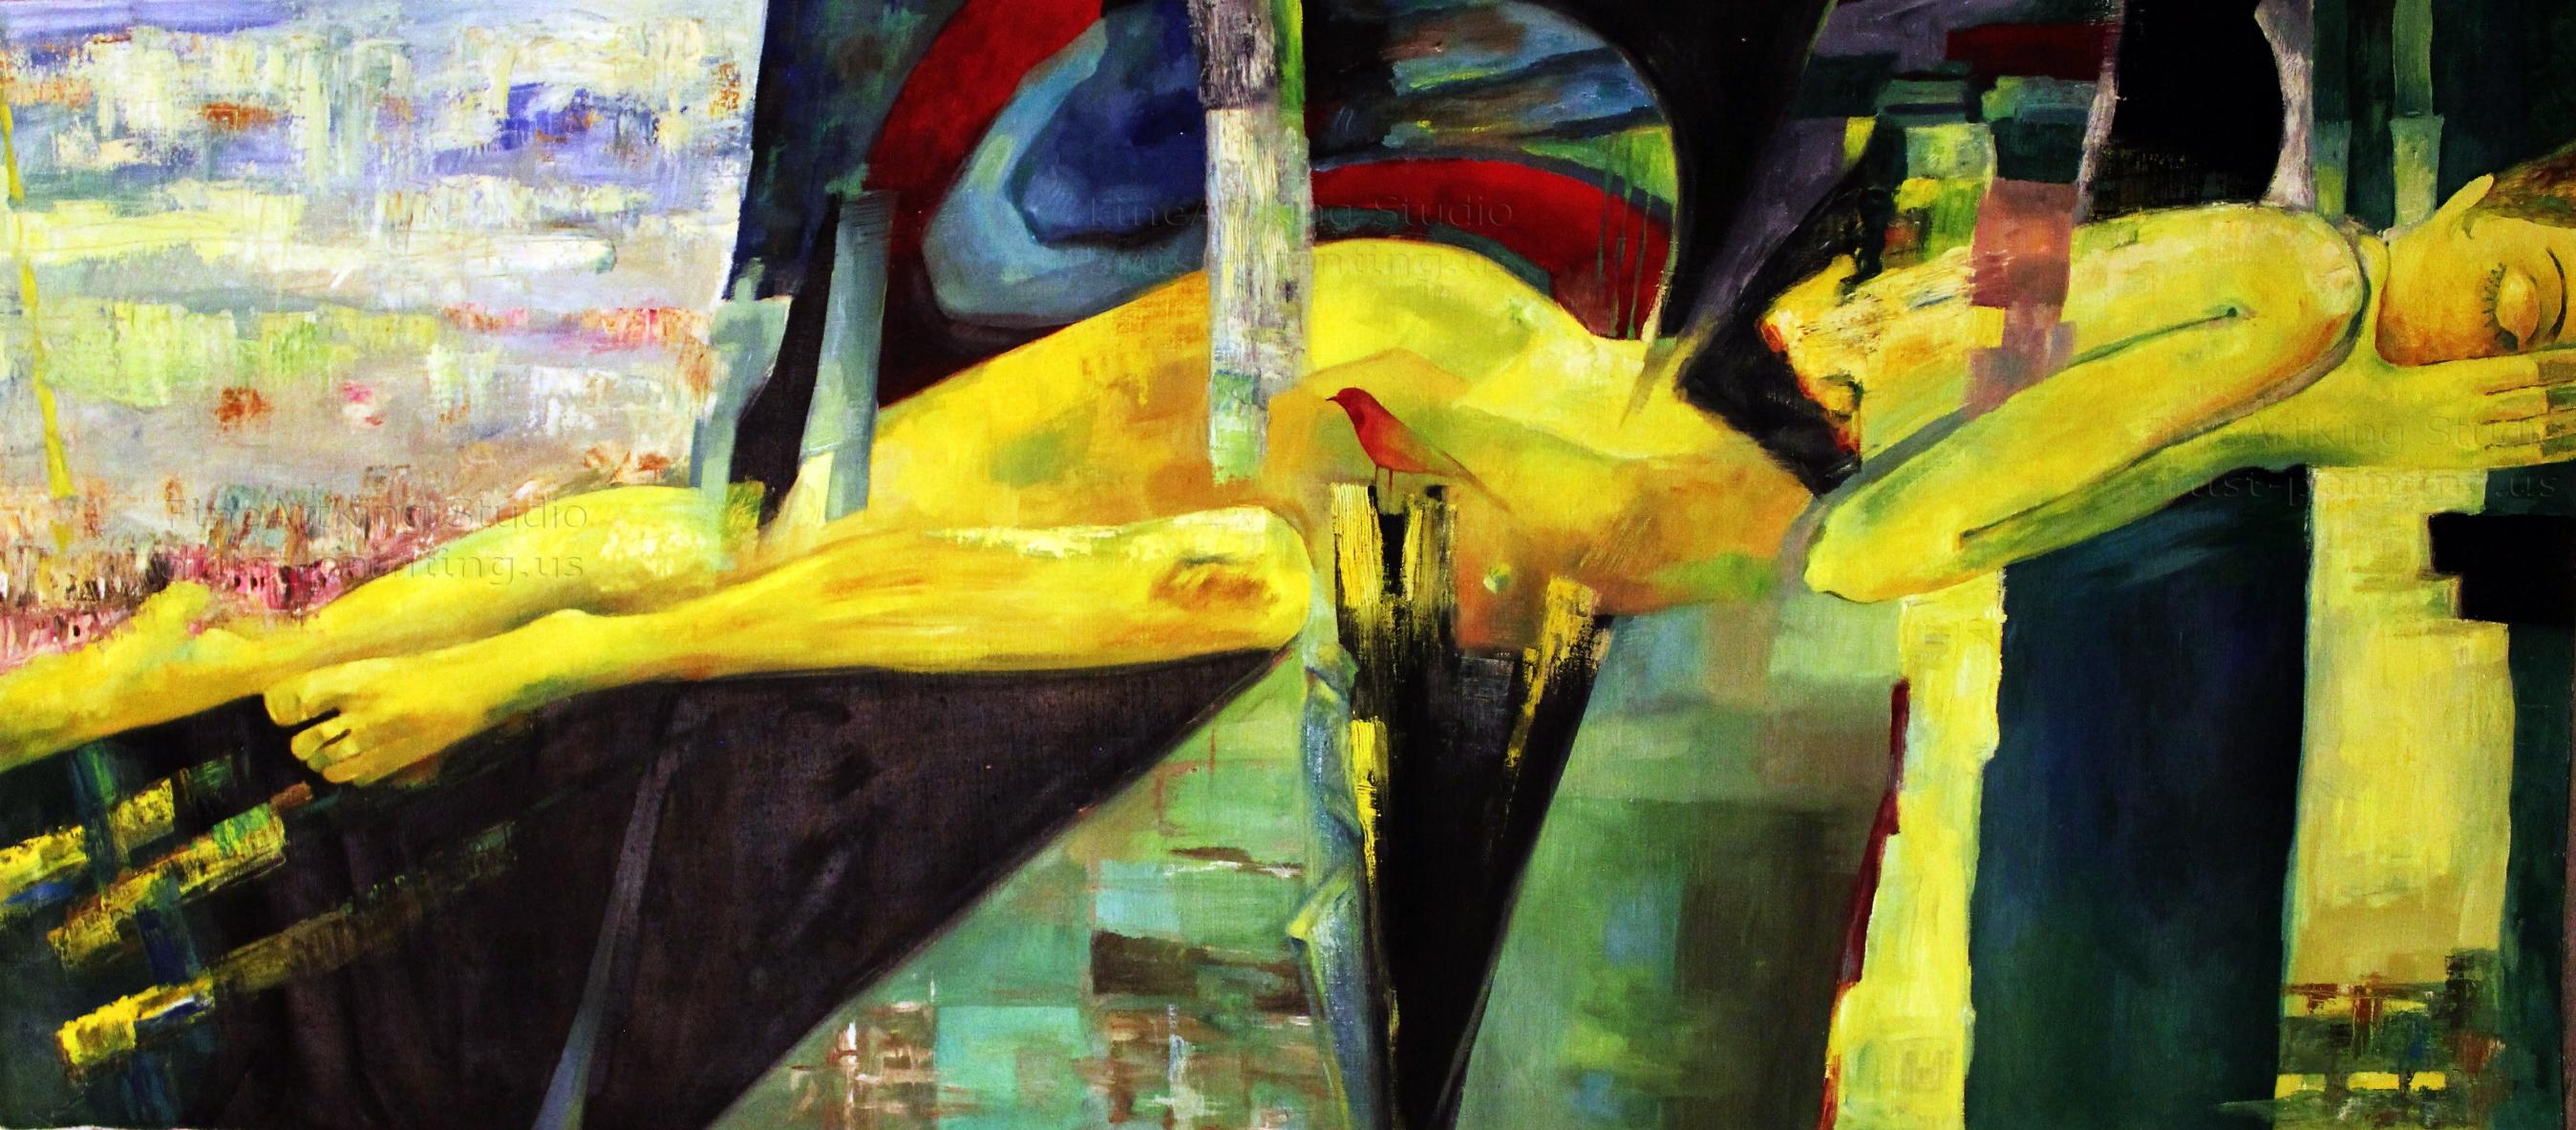 Cityasleep - fine art print - Original Contemporary Art